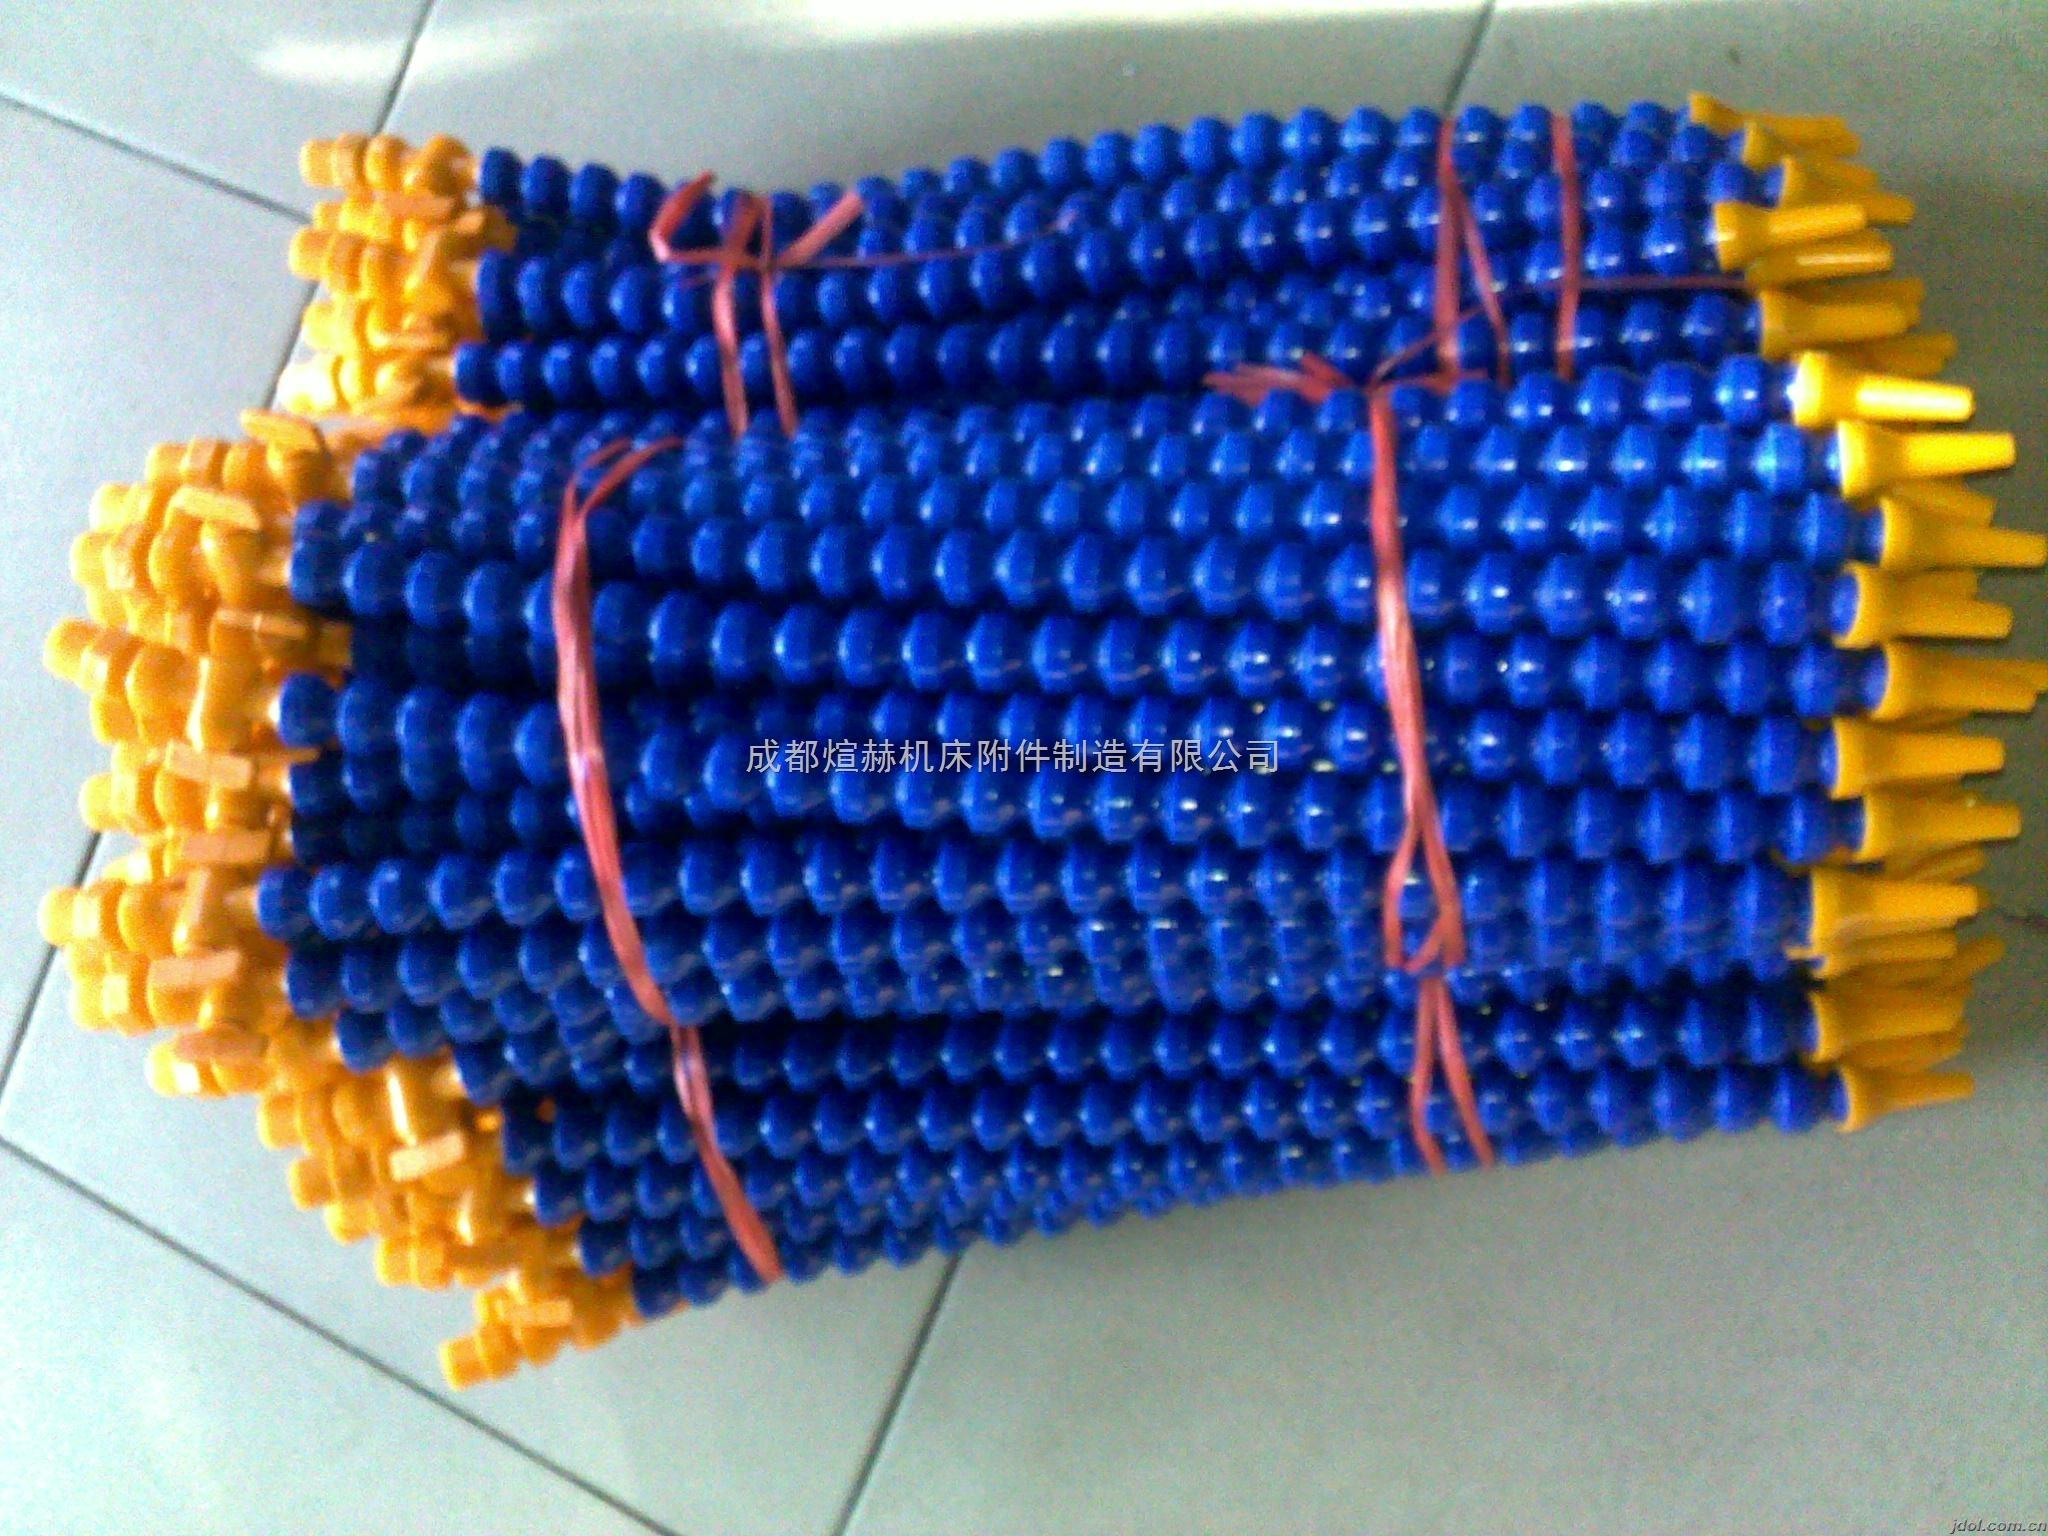 塑料冷却管生产厂家产品图片